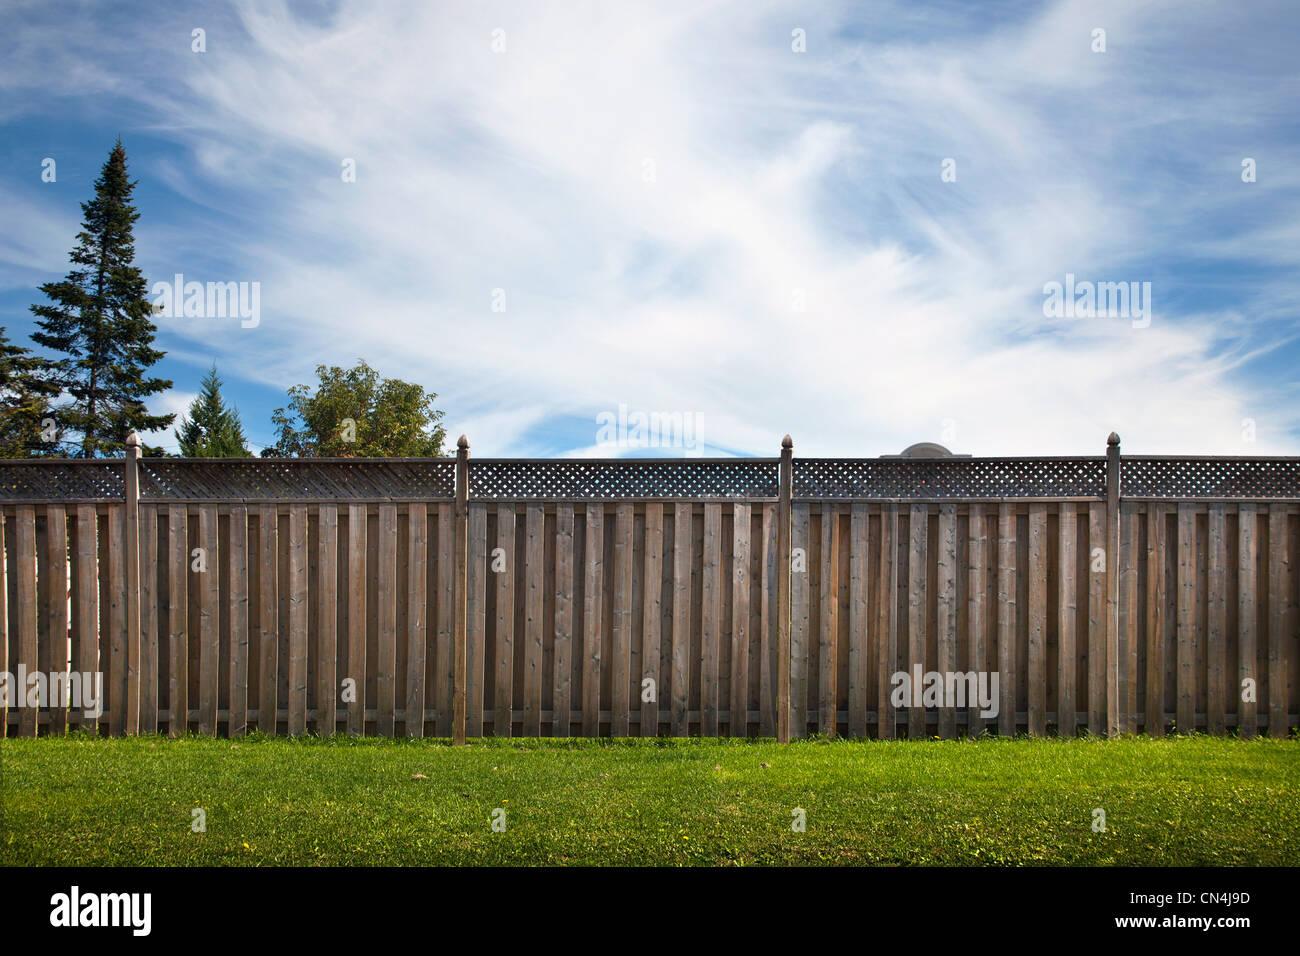 Holz Gartenzaun Stockbild